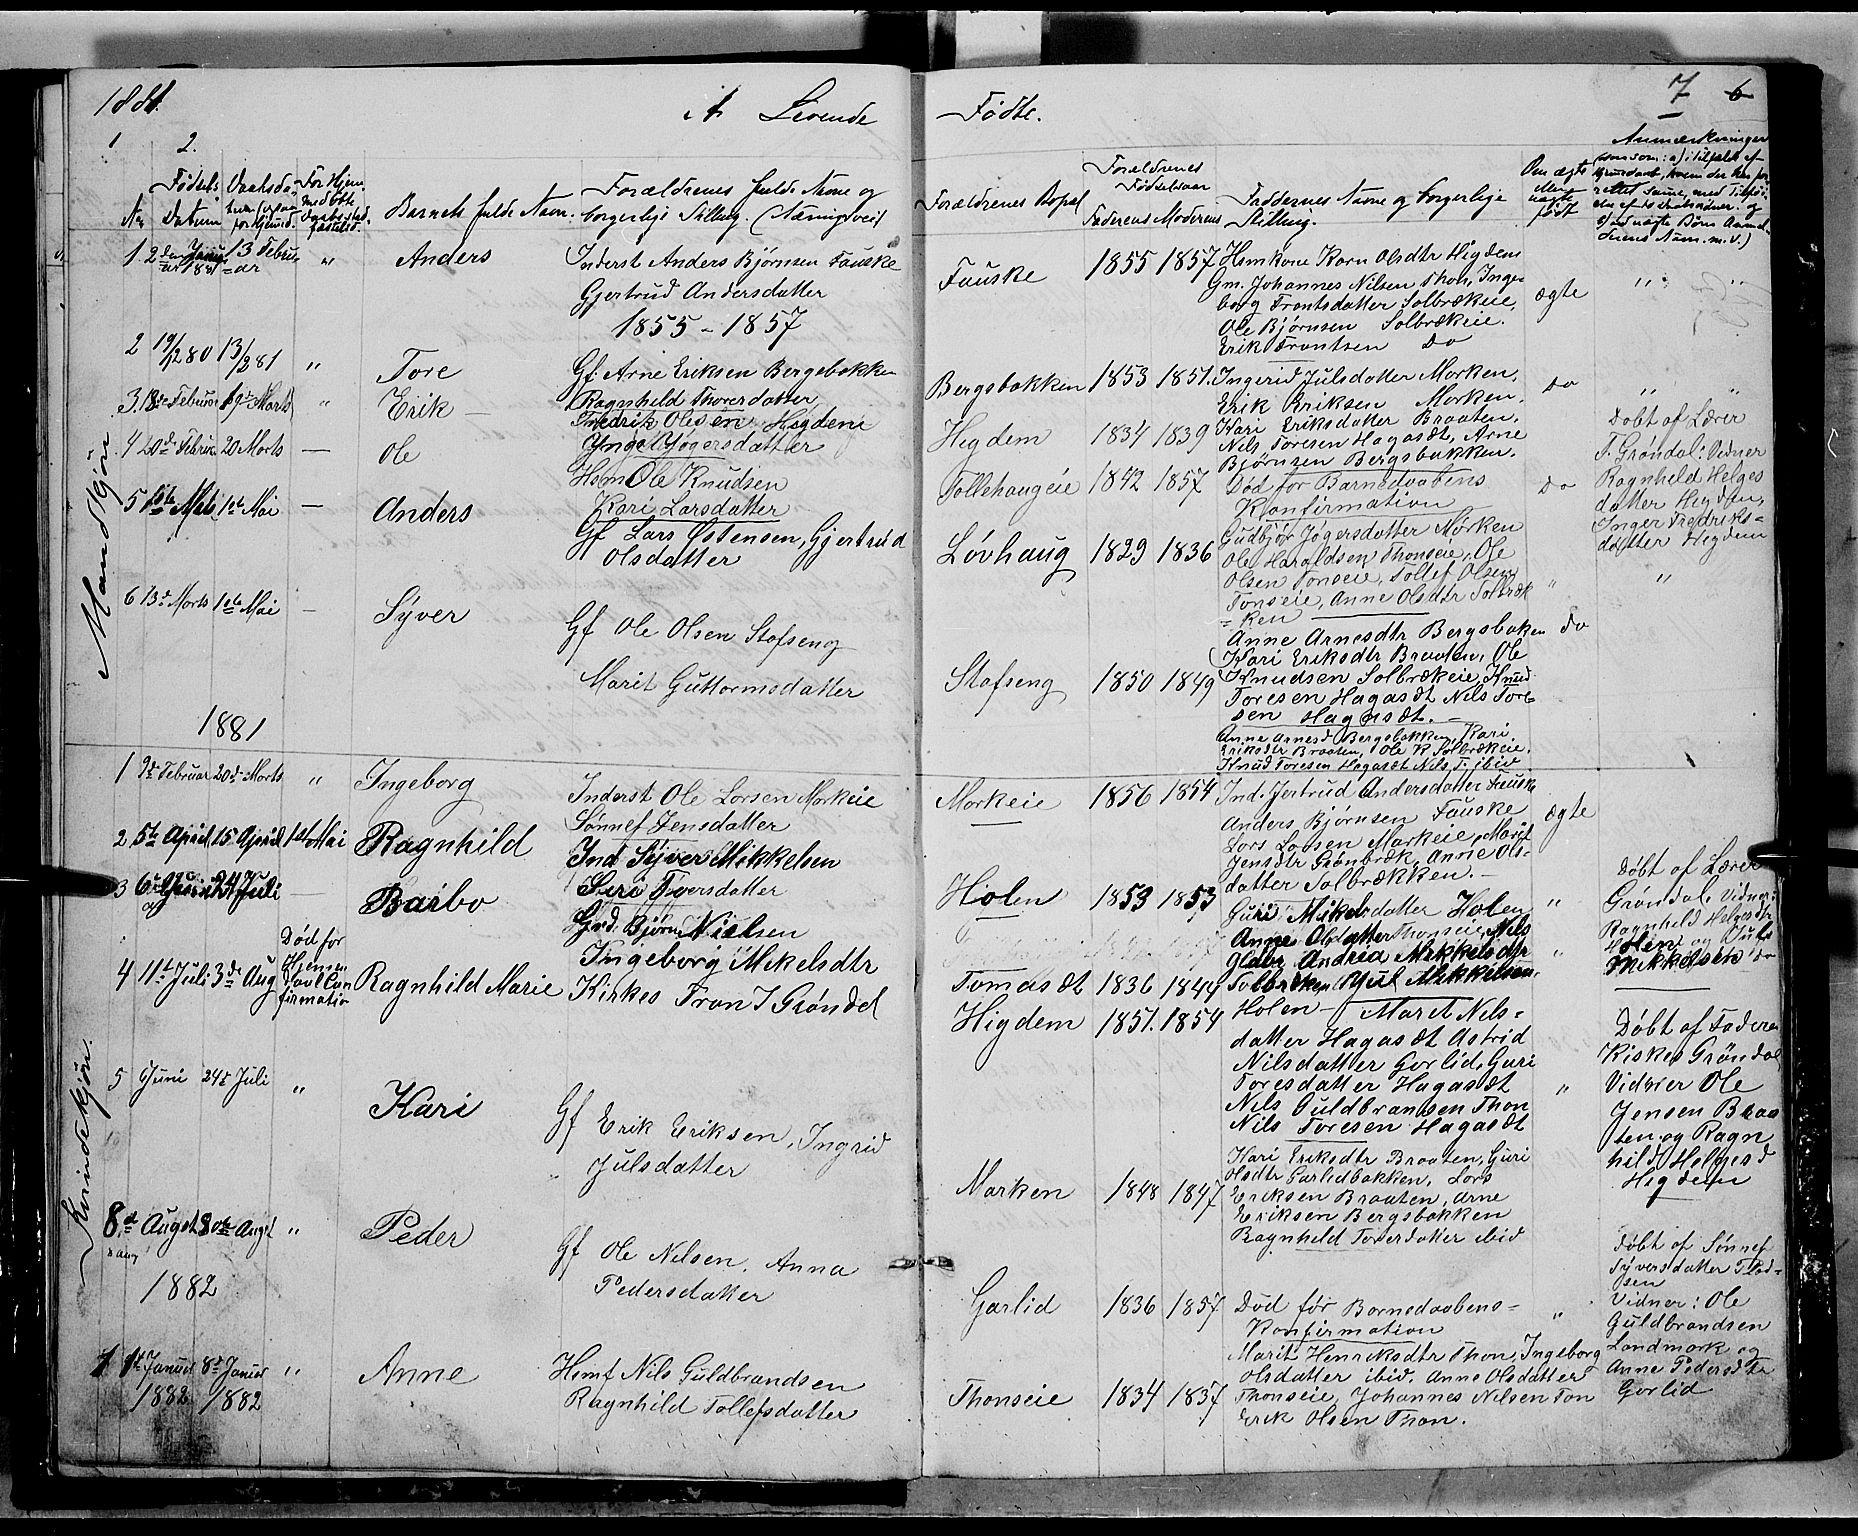 SAH, Nord-Aurdal prestekontor, Klokkerbok nr. 5, 1876-1895, s. 7